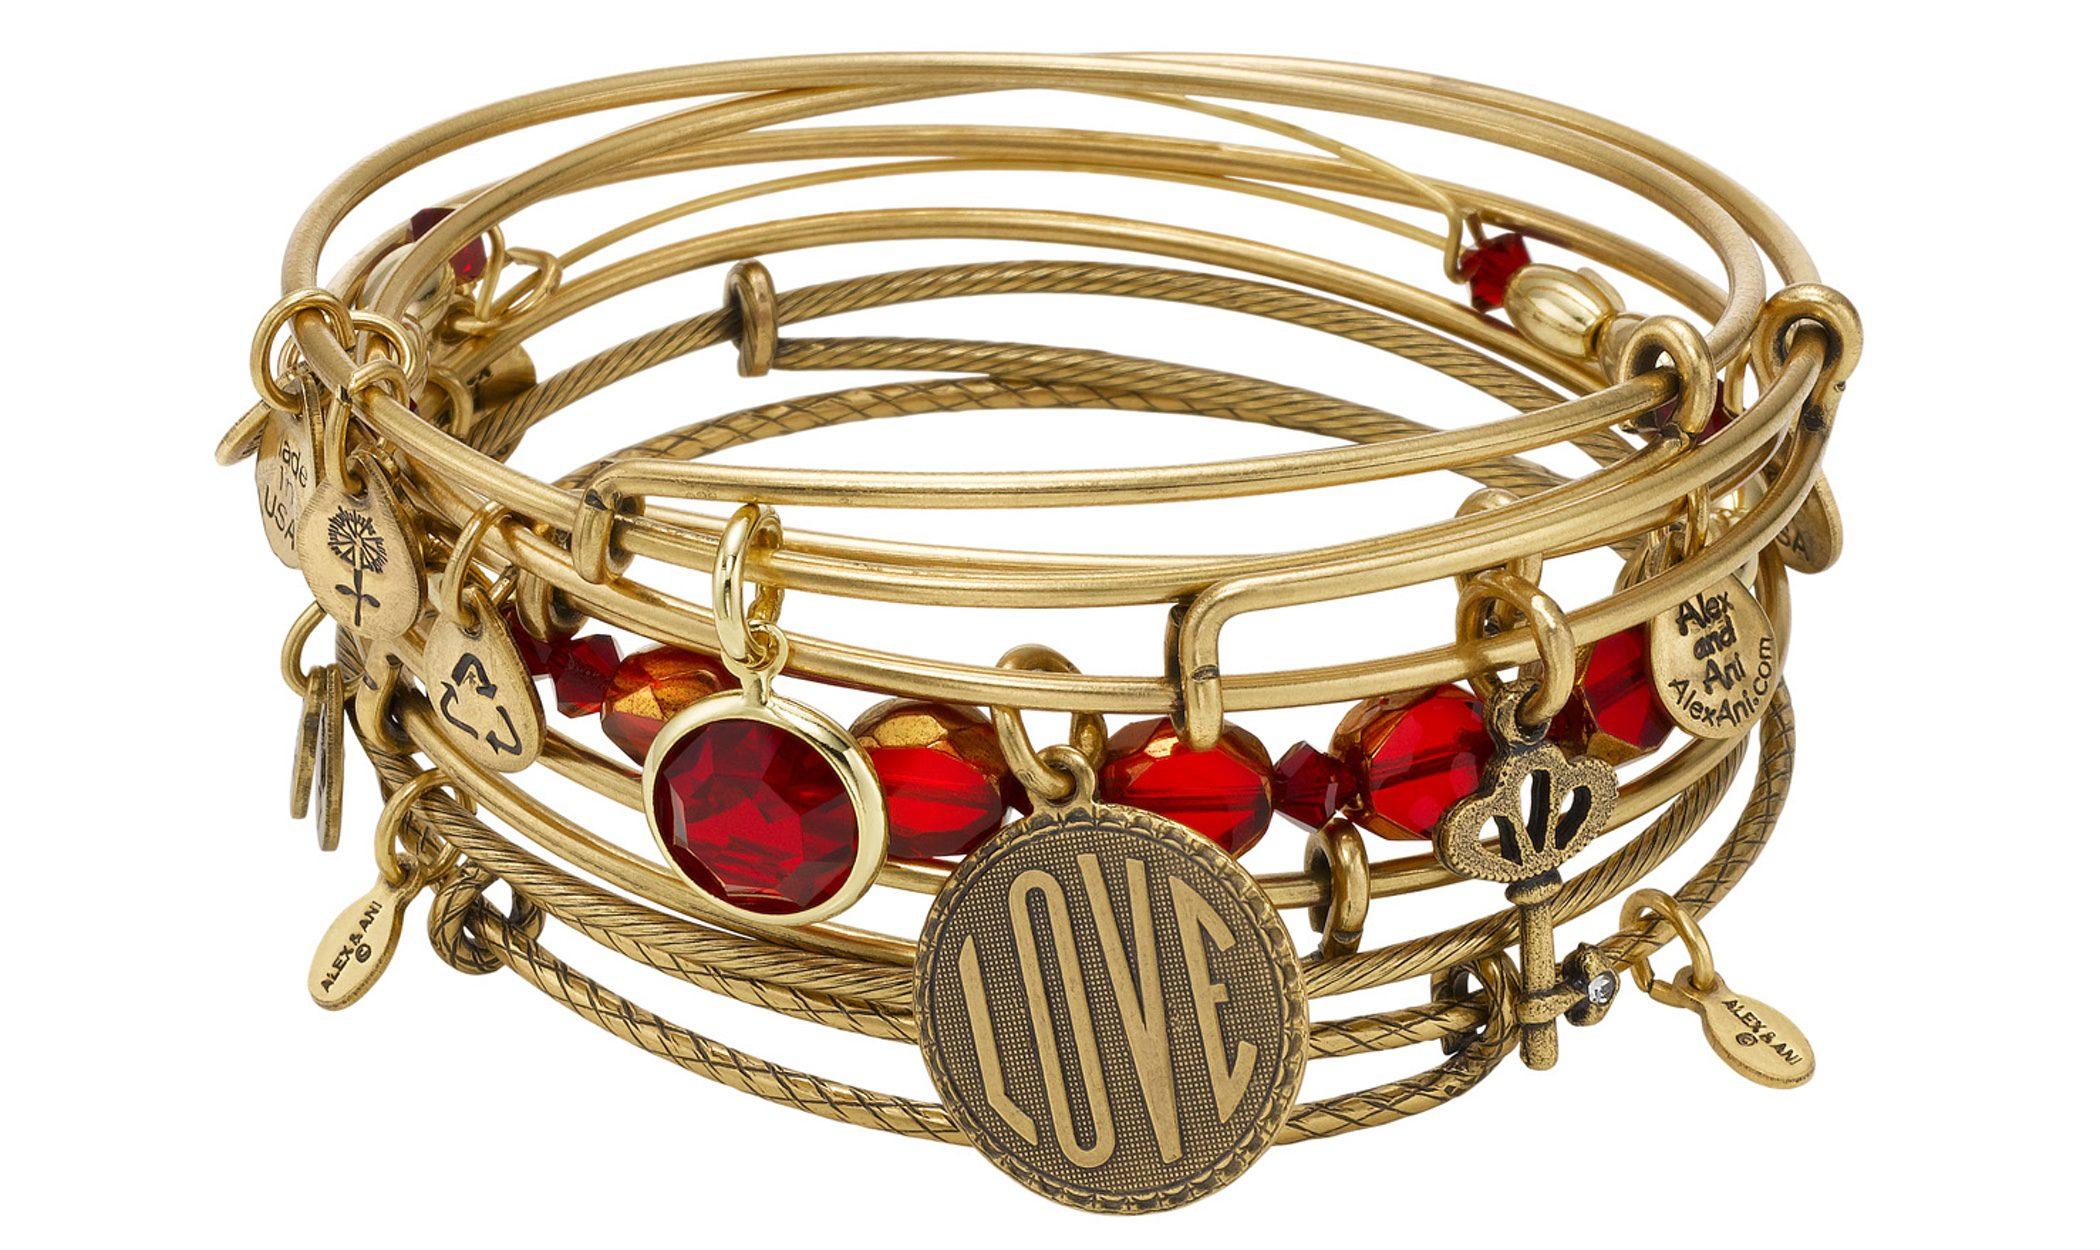 Alex and Ani presenta su colección de joyas para esta Navidad 2011